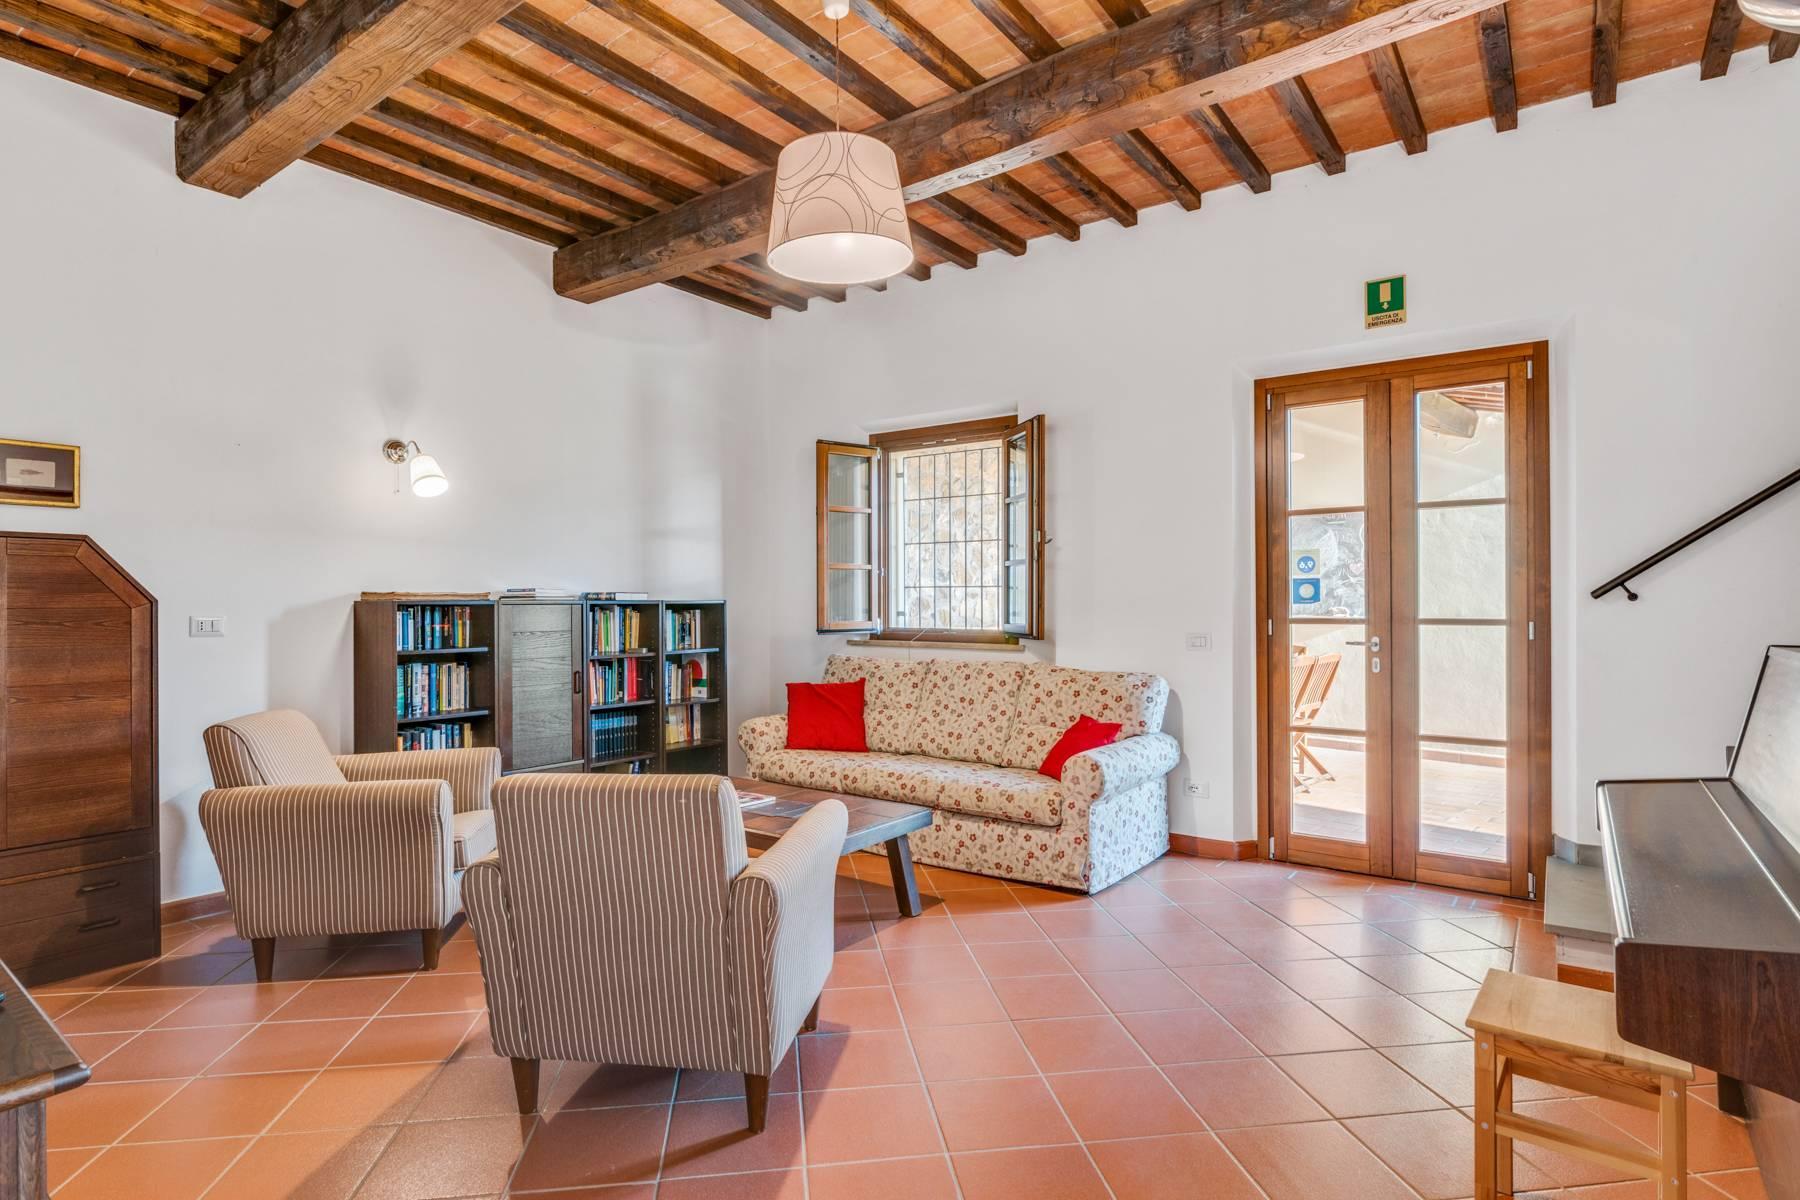 Charmante maison de campagne avec piscine sur les collines toscanes - 14